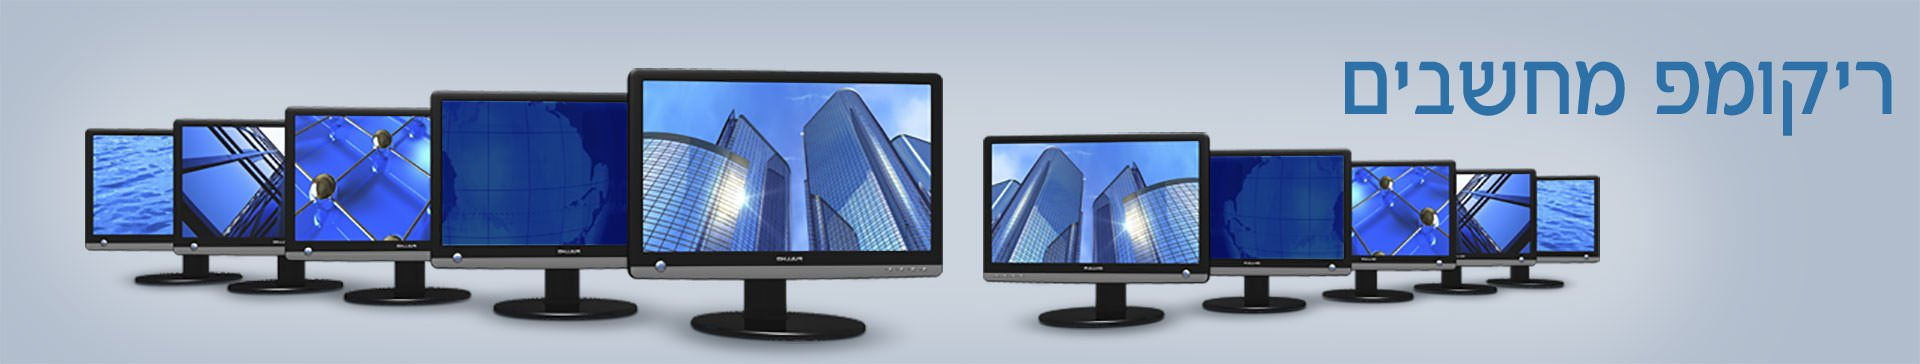 recomp-computers